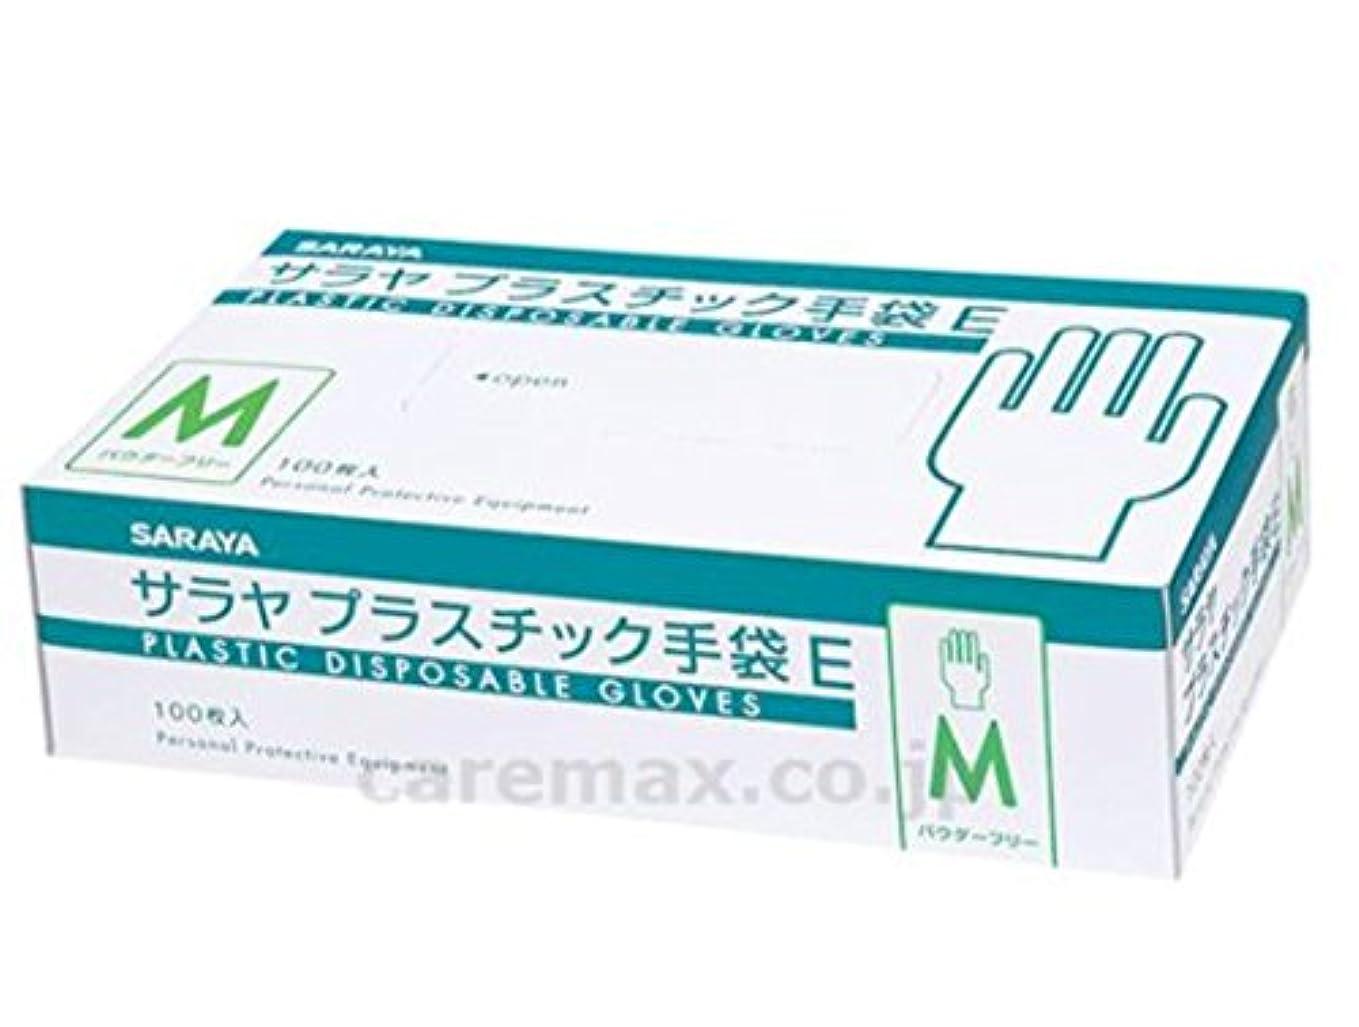 より平らなきらめきシンプルさサラヤ 使い捨て手袋 プラスチック手袋E 粉なし Mサイズ 100枚入